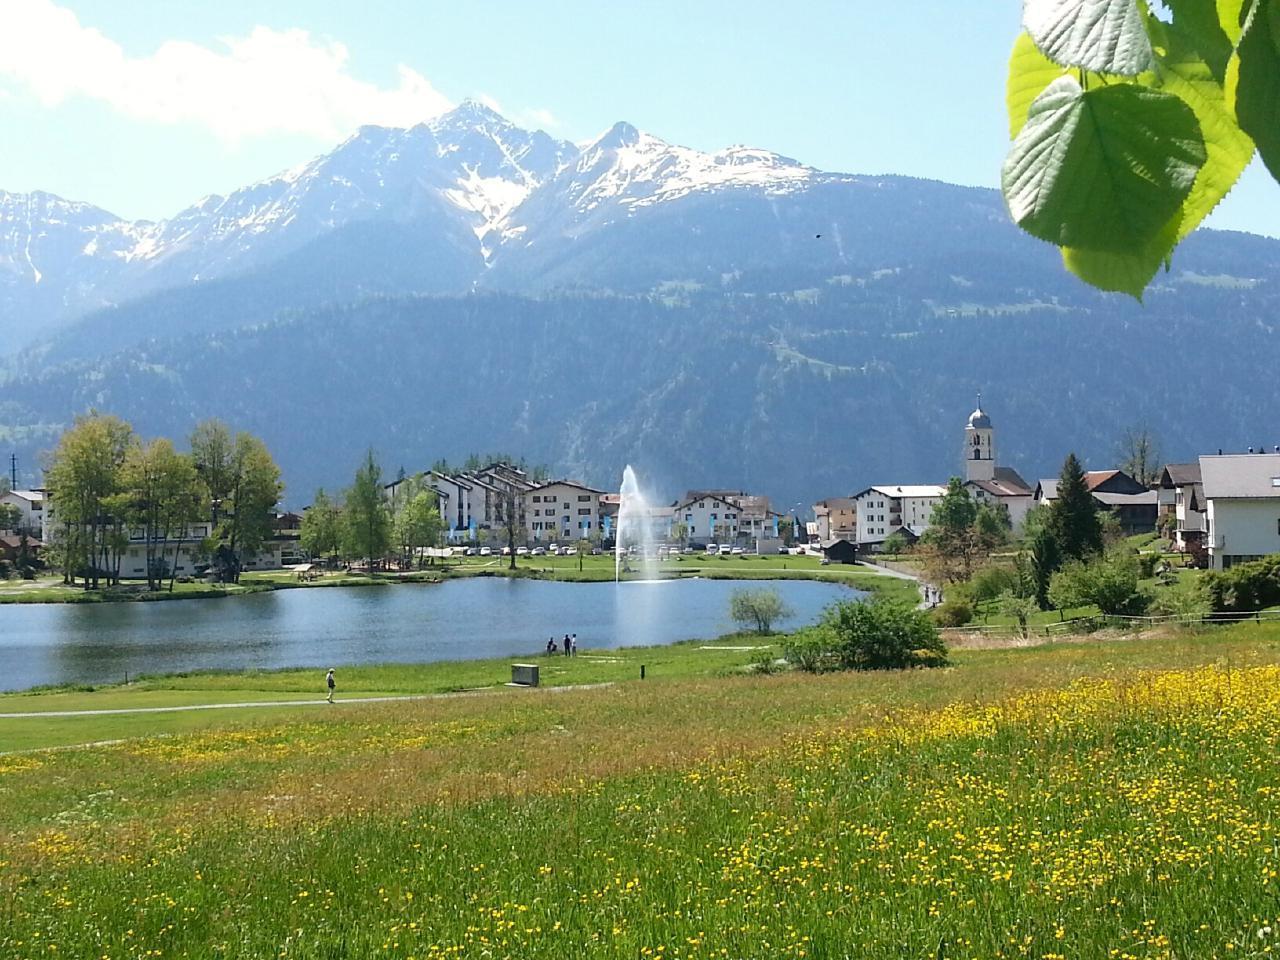 Ferienwohnung Seeblick Fraissen (1146940), Laax, Flims - Laax - Falera, Graubünden, Schweiz, Bild 14